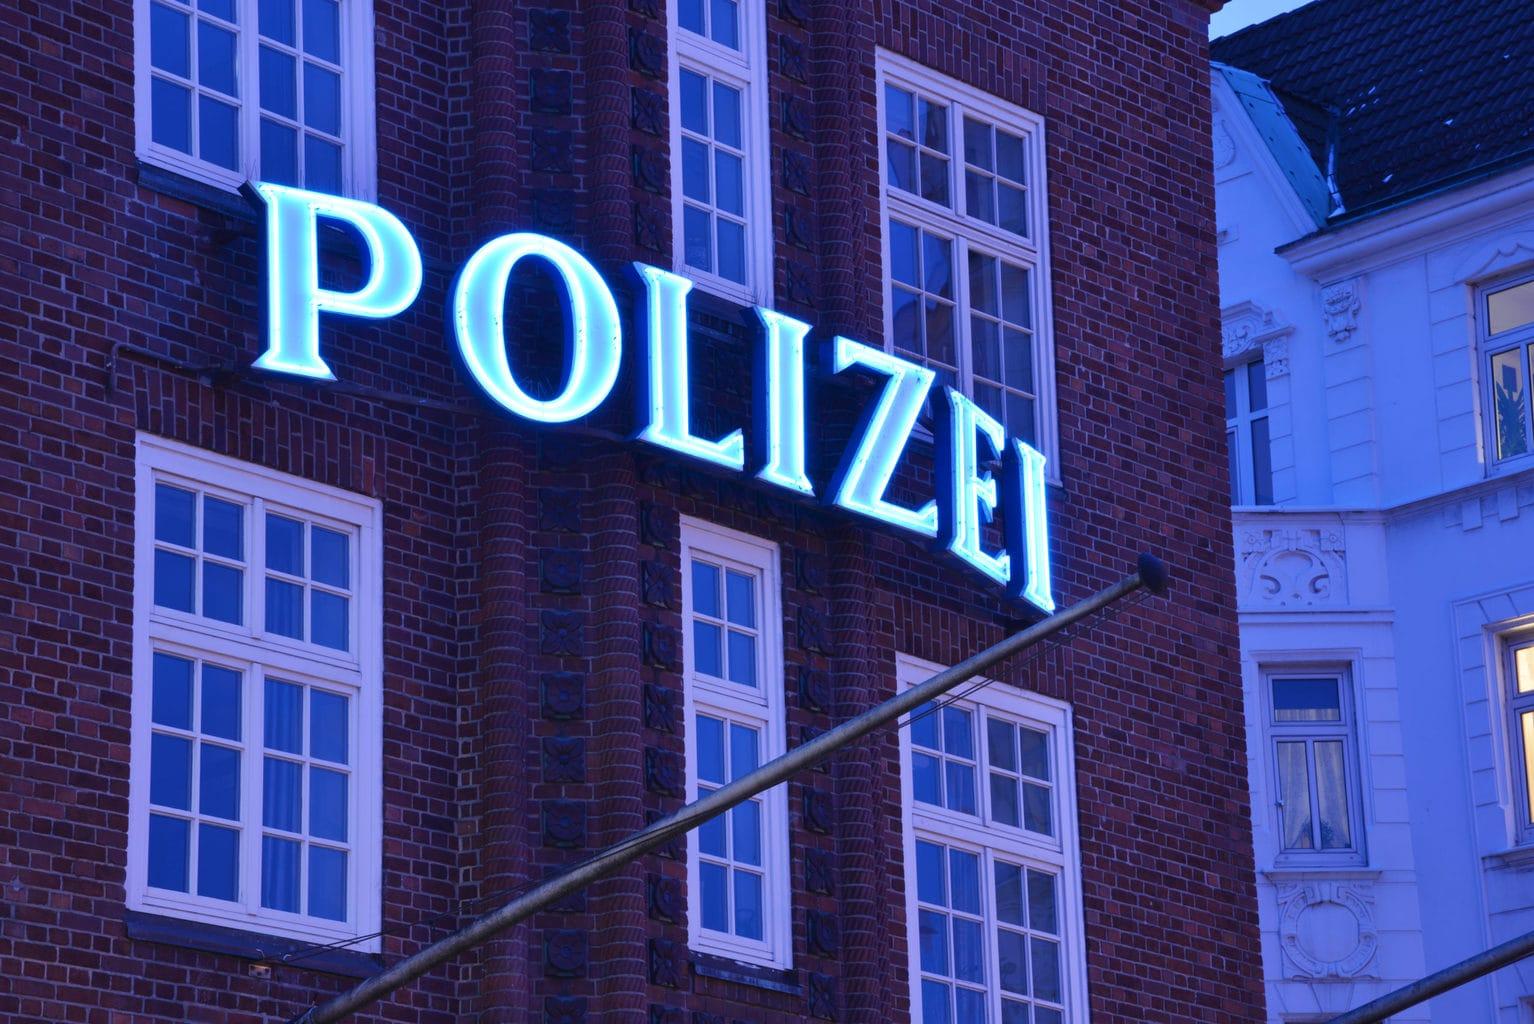 De beroemd beruchte Davidpolizeiwache op de Reeperbahn in de Duitse Stad Hamburg